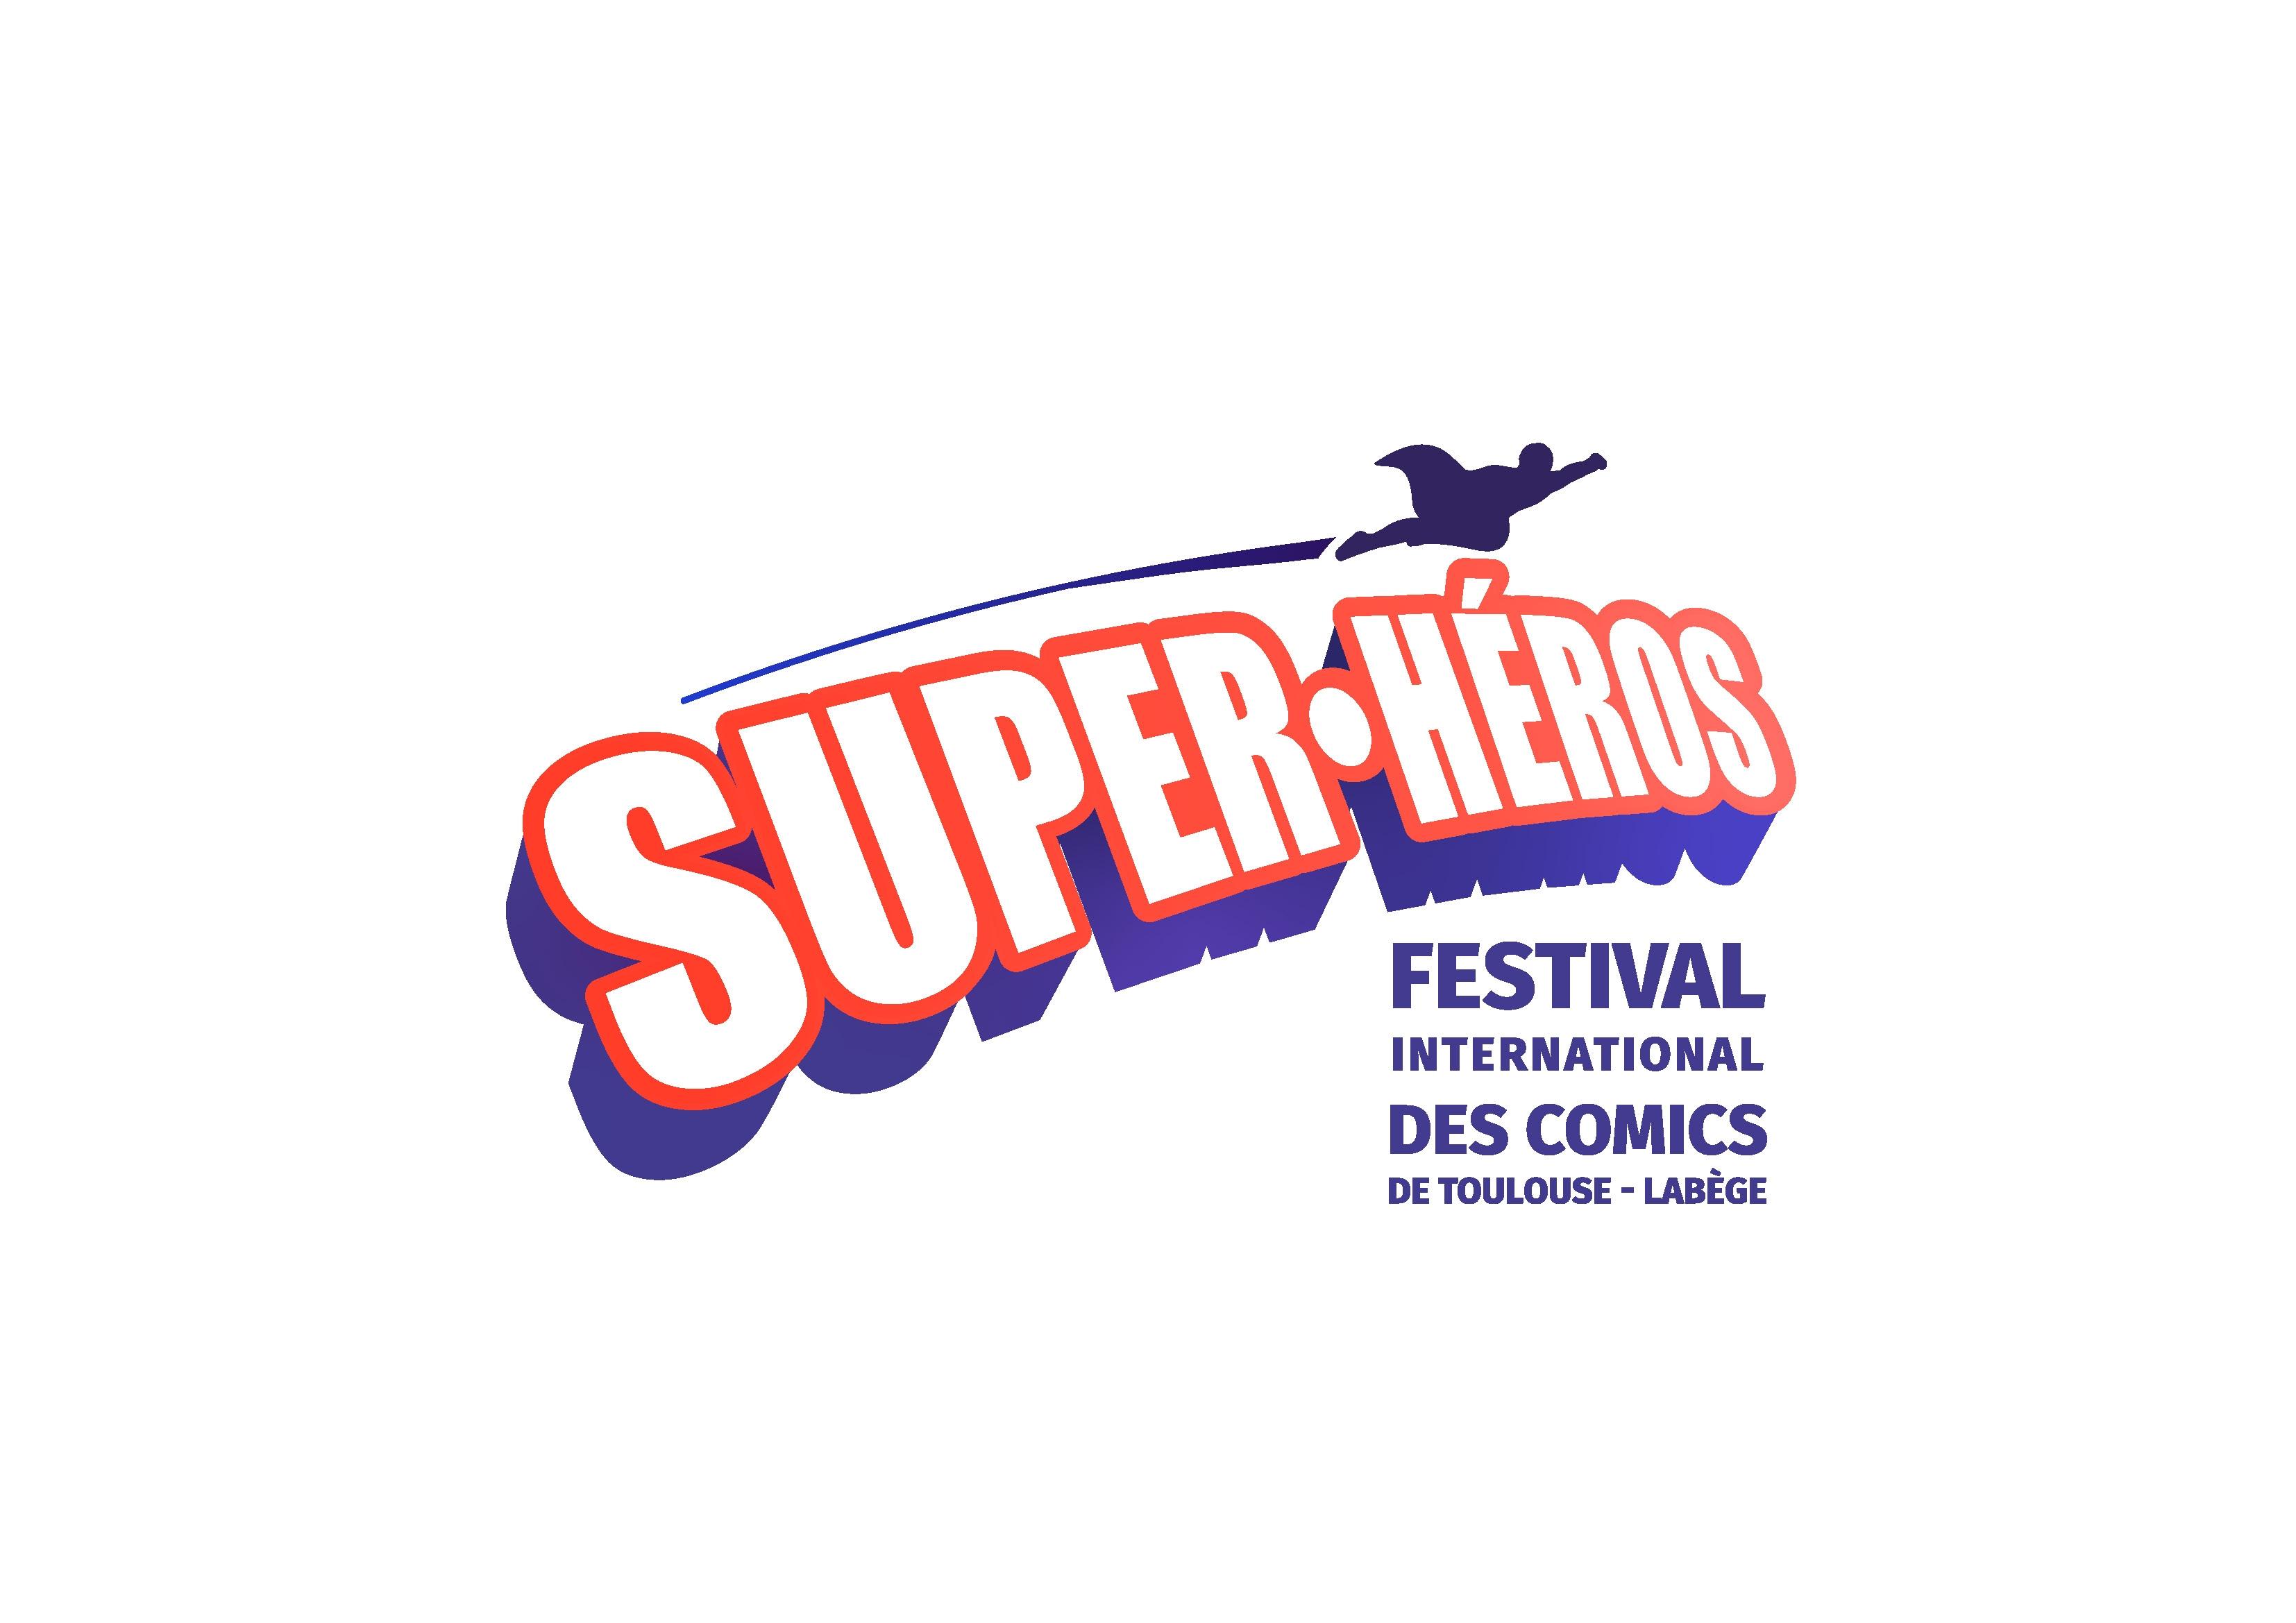 SUPER HEROS FESTIVAL